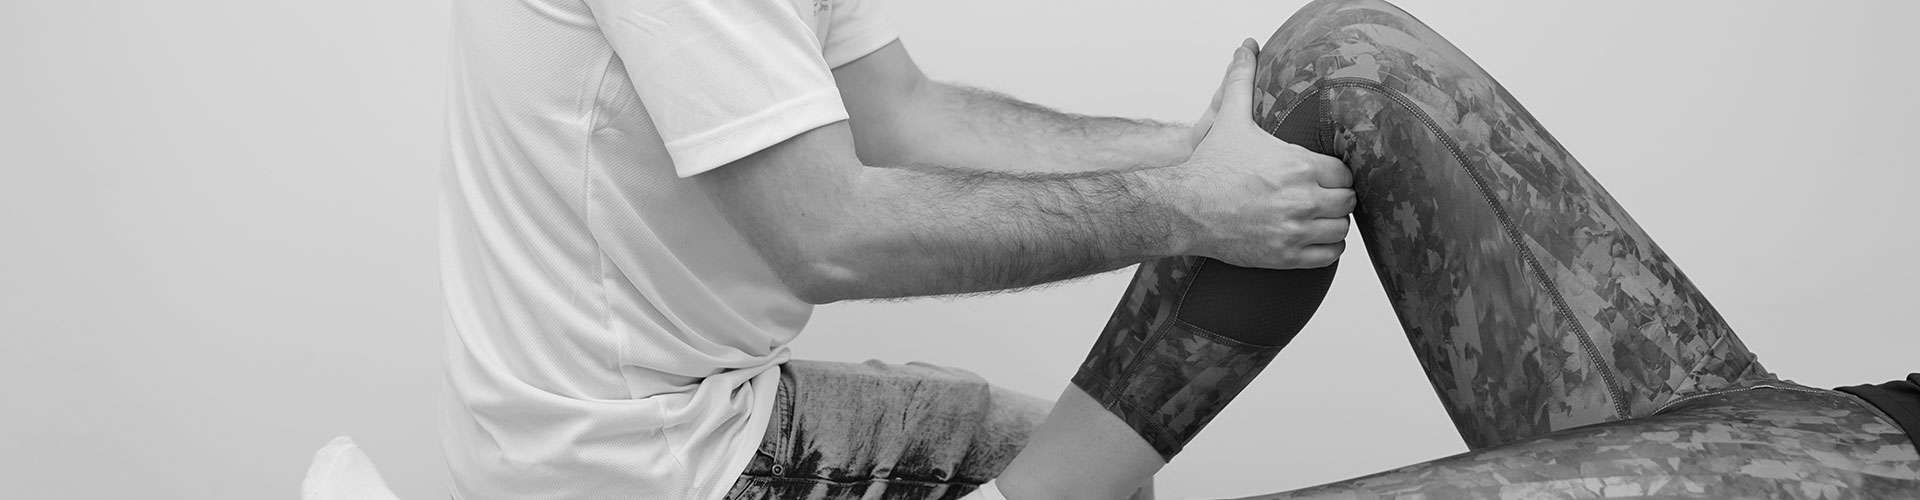 כאבי ברכיים - שחיקת סחוס בברך - קרע במיניסקוס בברך